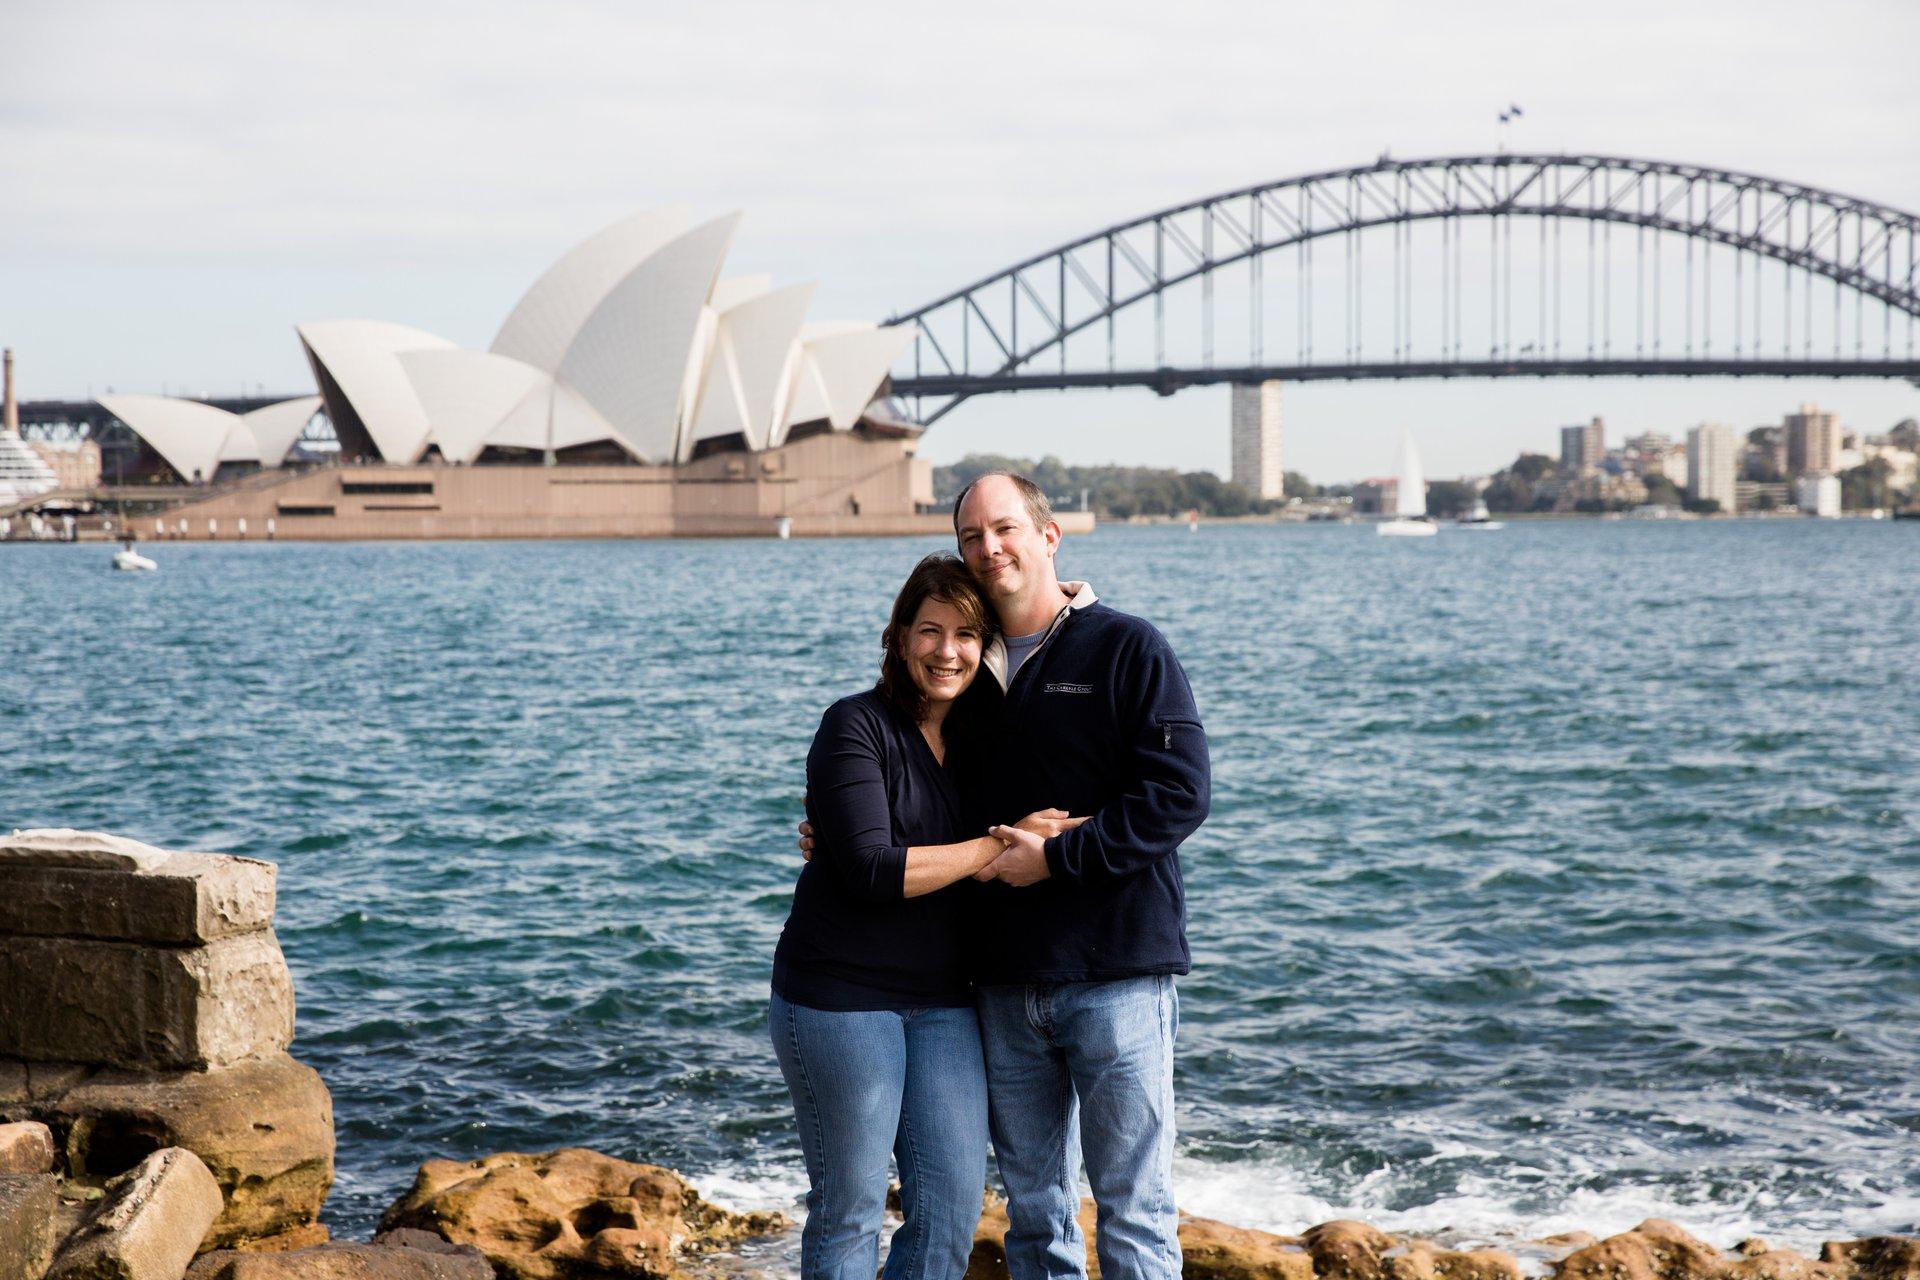 Sydney-Australia-travel-story-Flytographer-3